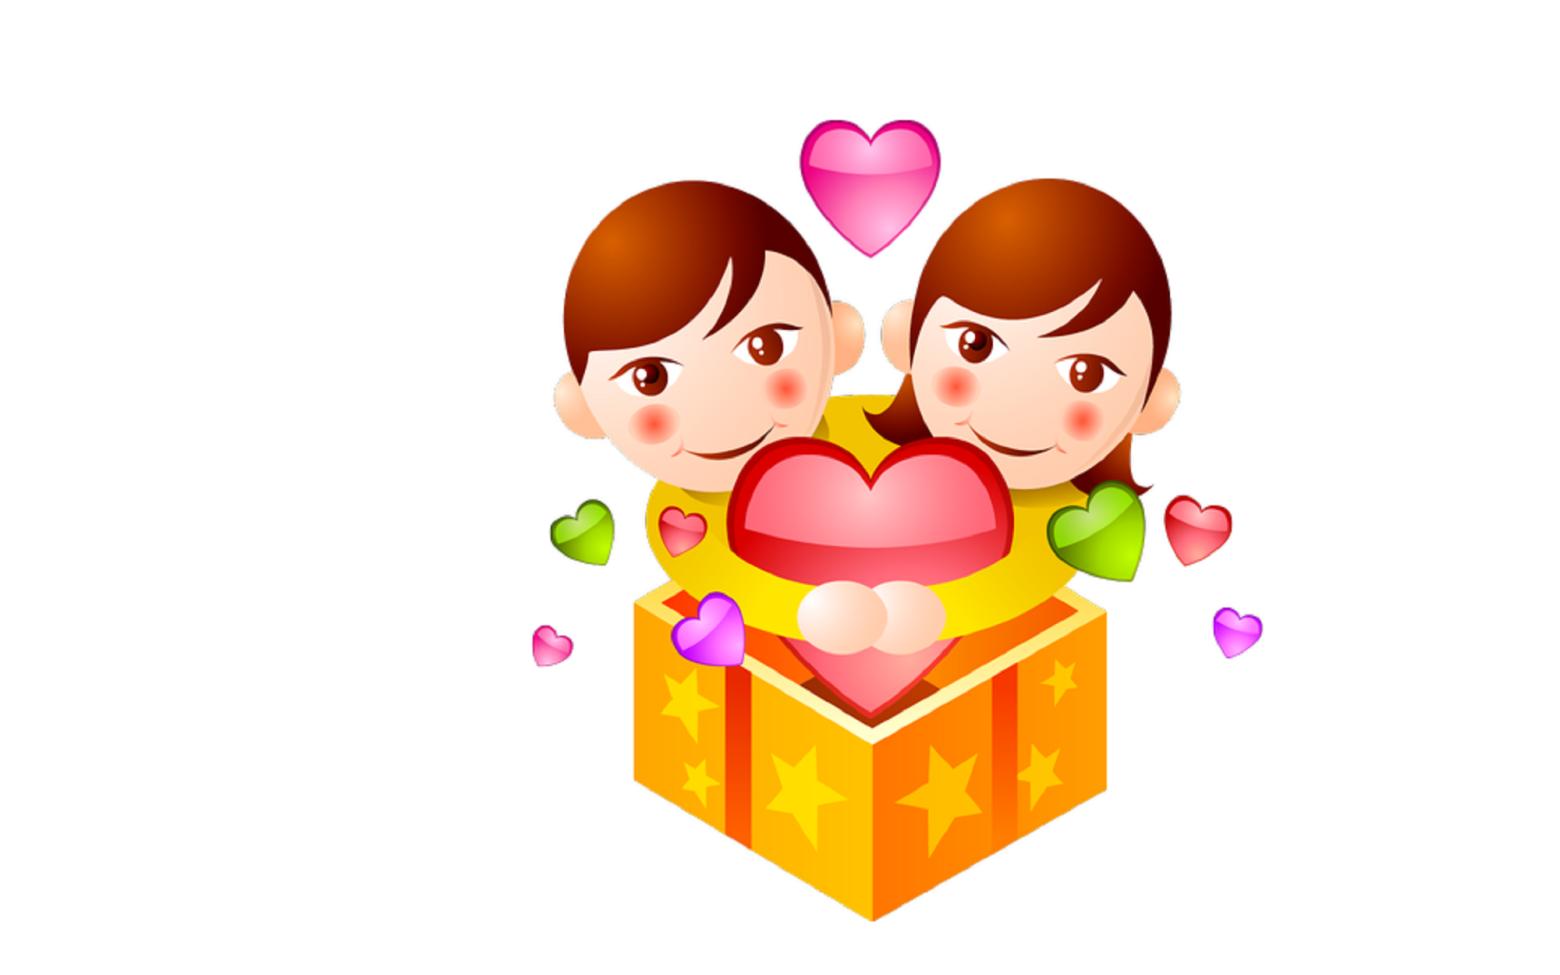 Clipart ic ne images gratuites amour coeur love saint valentin images gratuites et libres - Images coeur gratuites ...